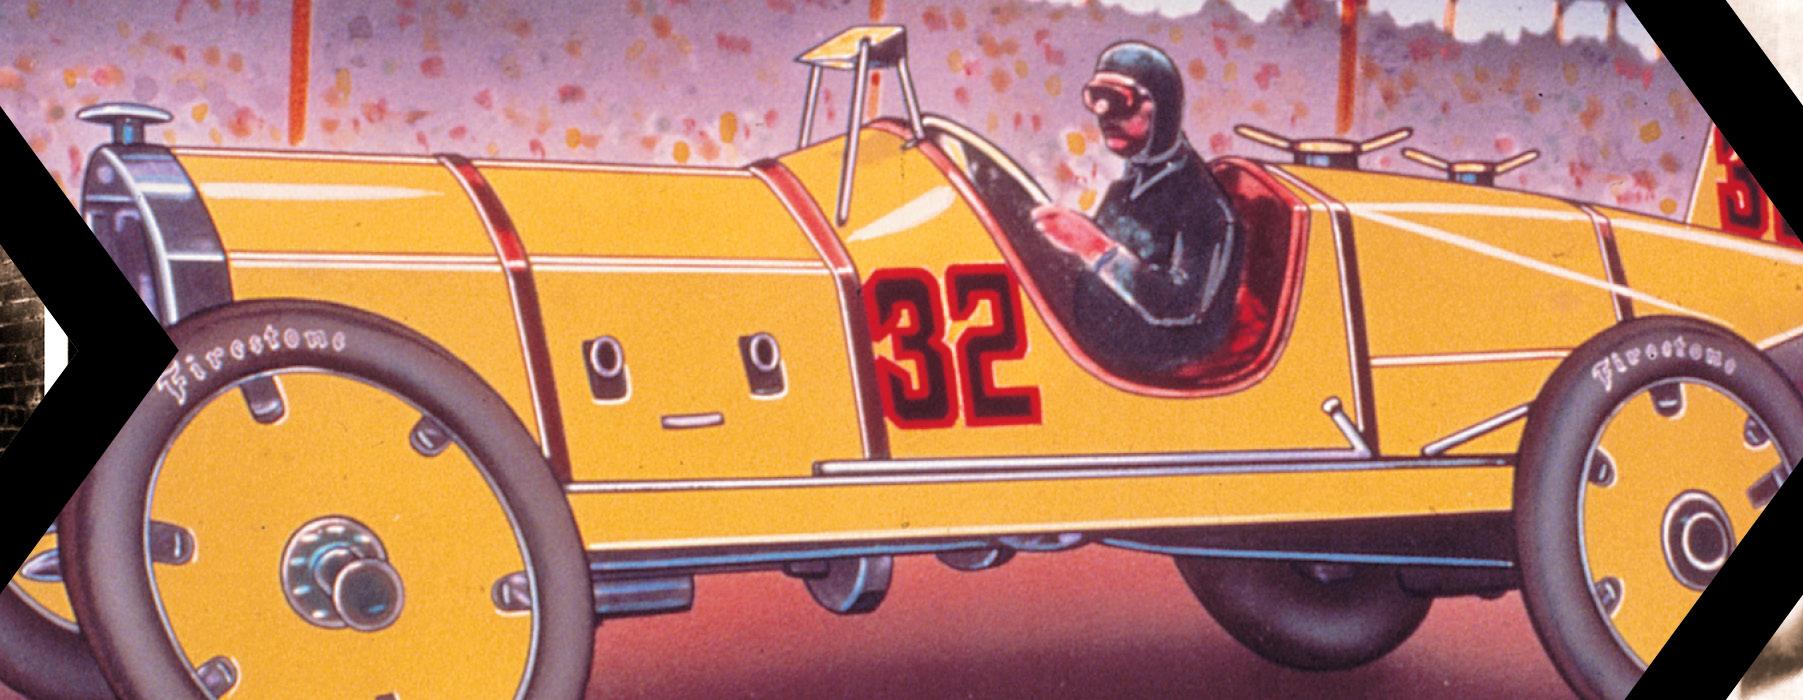 Firestone remporte la course Indy 500